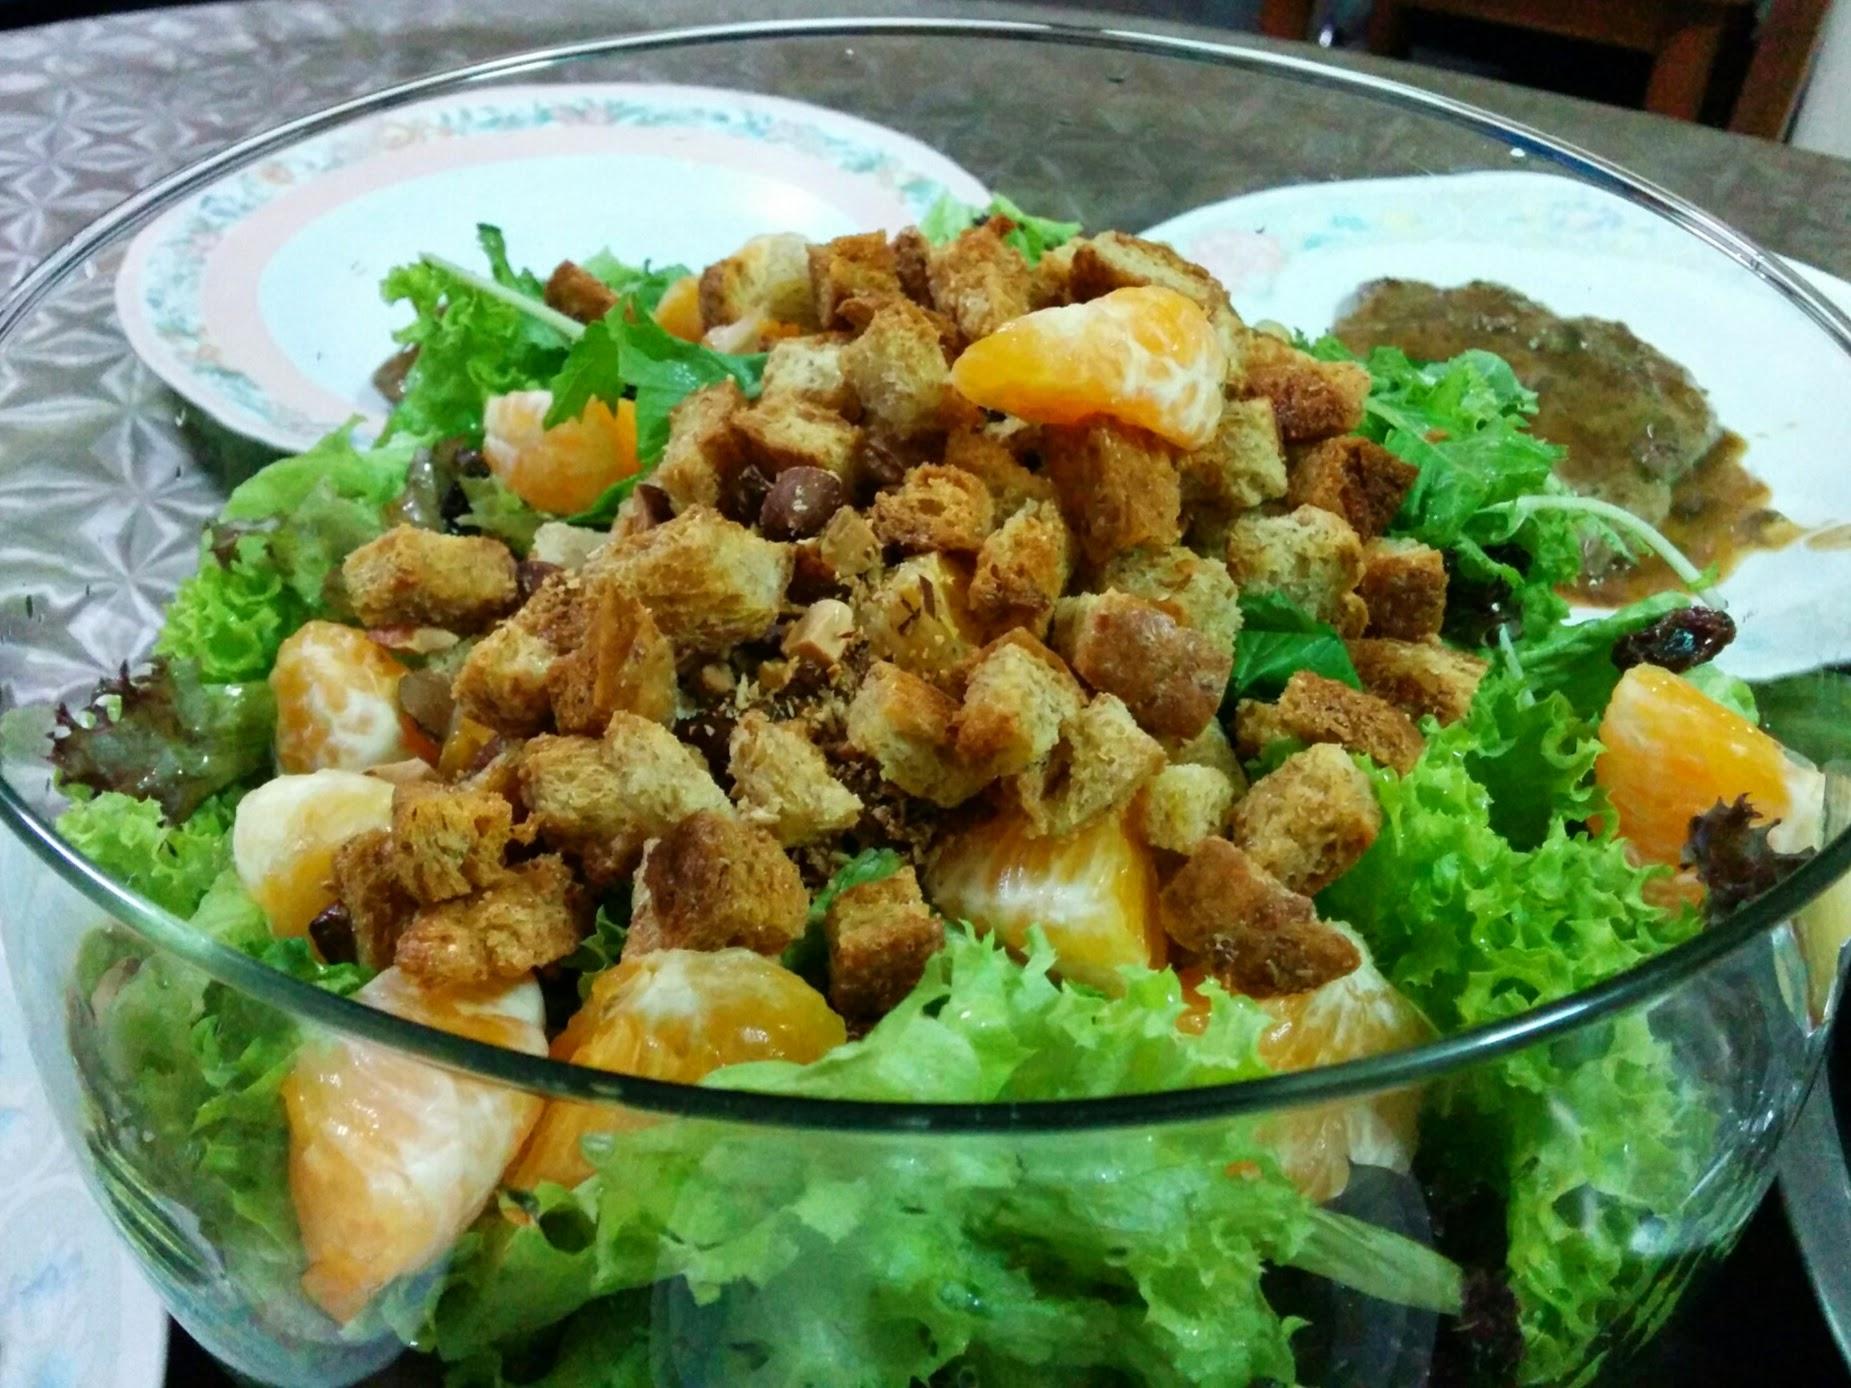 Croutons and salad